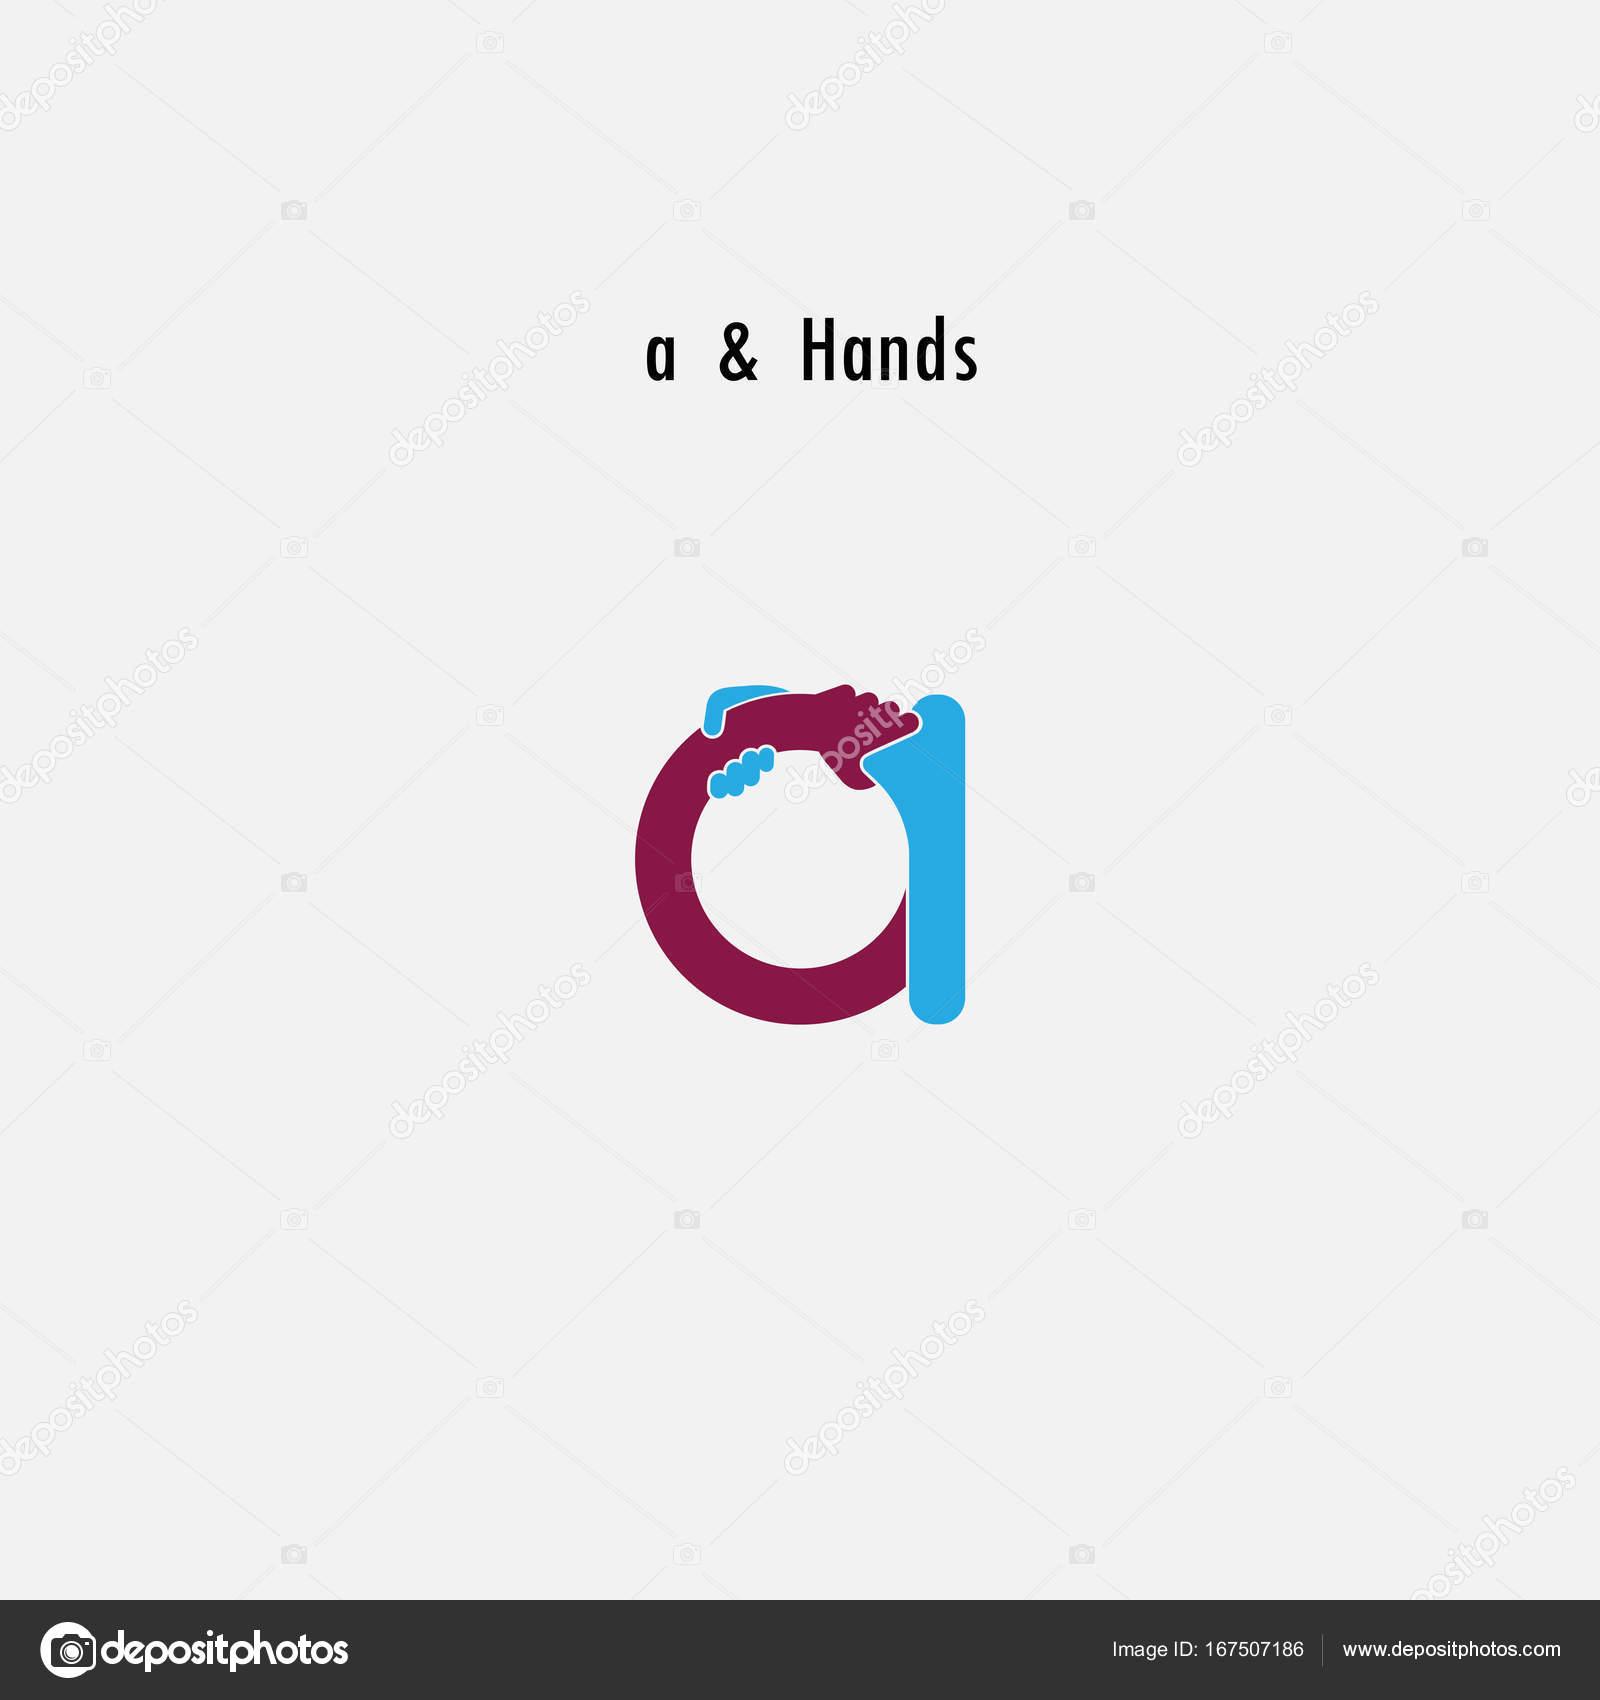 a-carta icono abstracto y plantilla de vector de diseño de logo de ...